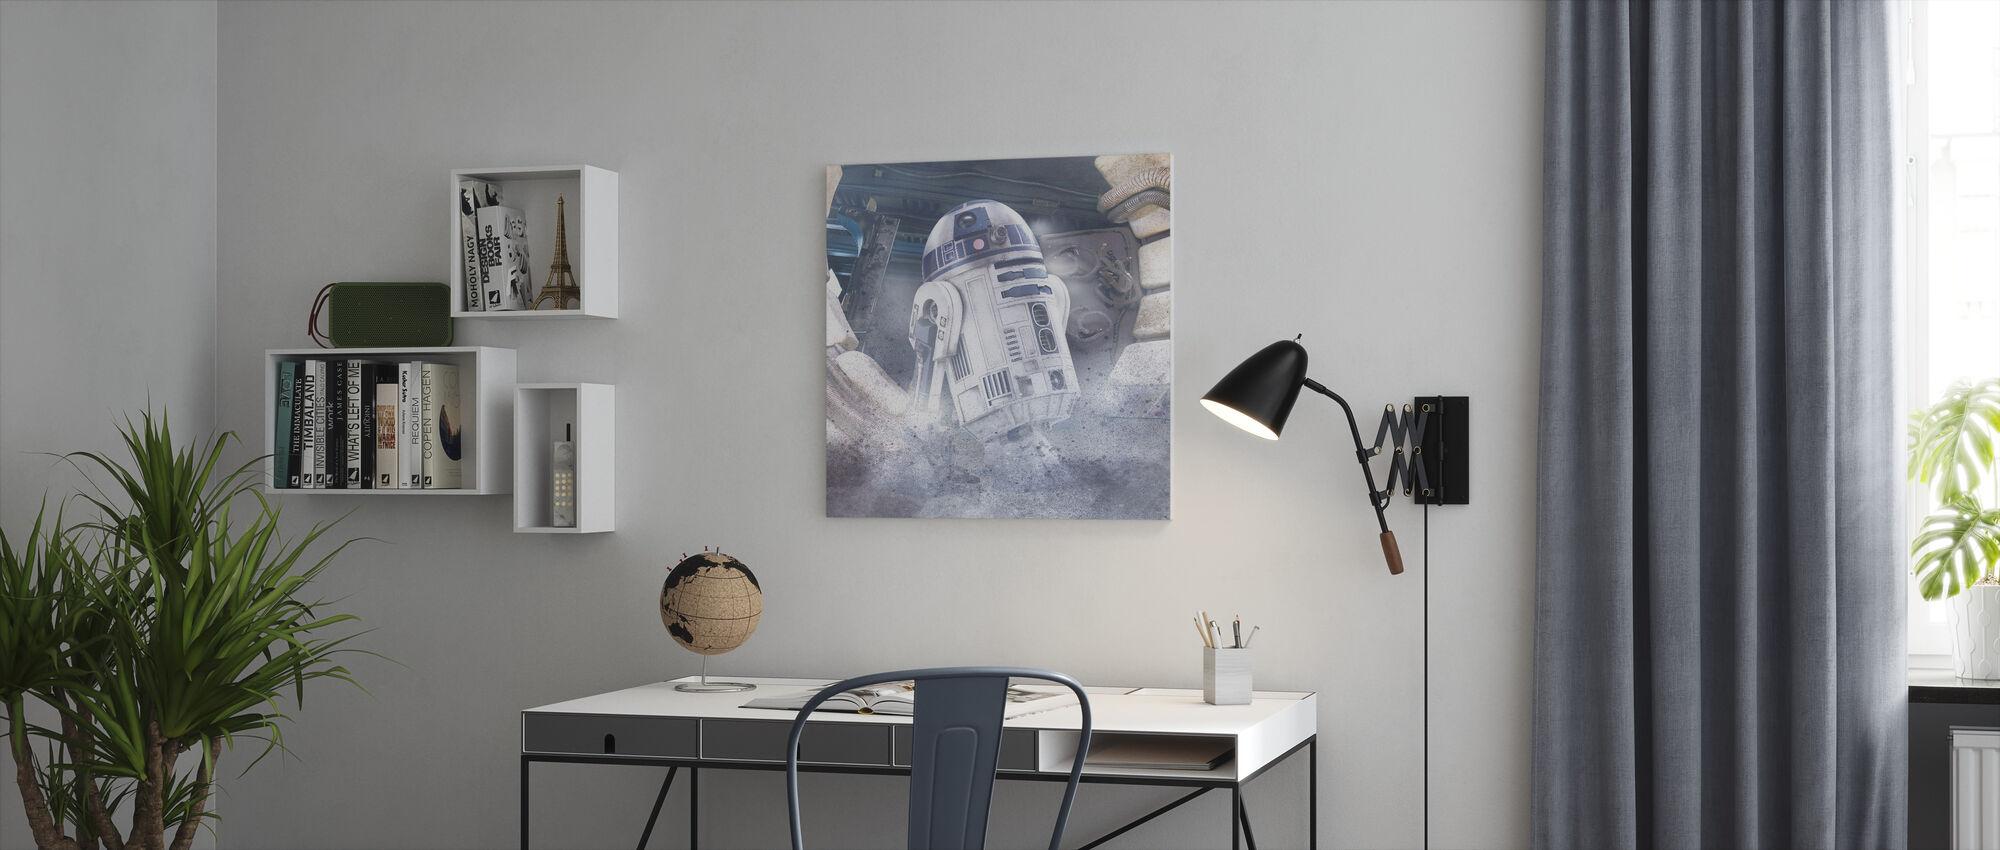 Stjerne kriger - R2-D2 - Lerretsbilde - Kontor